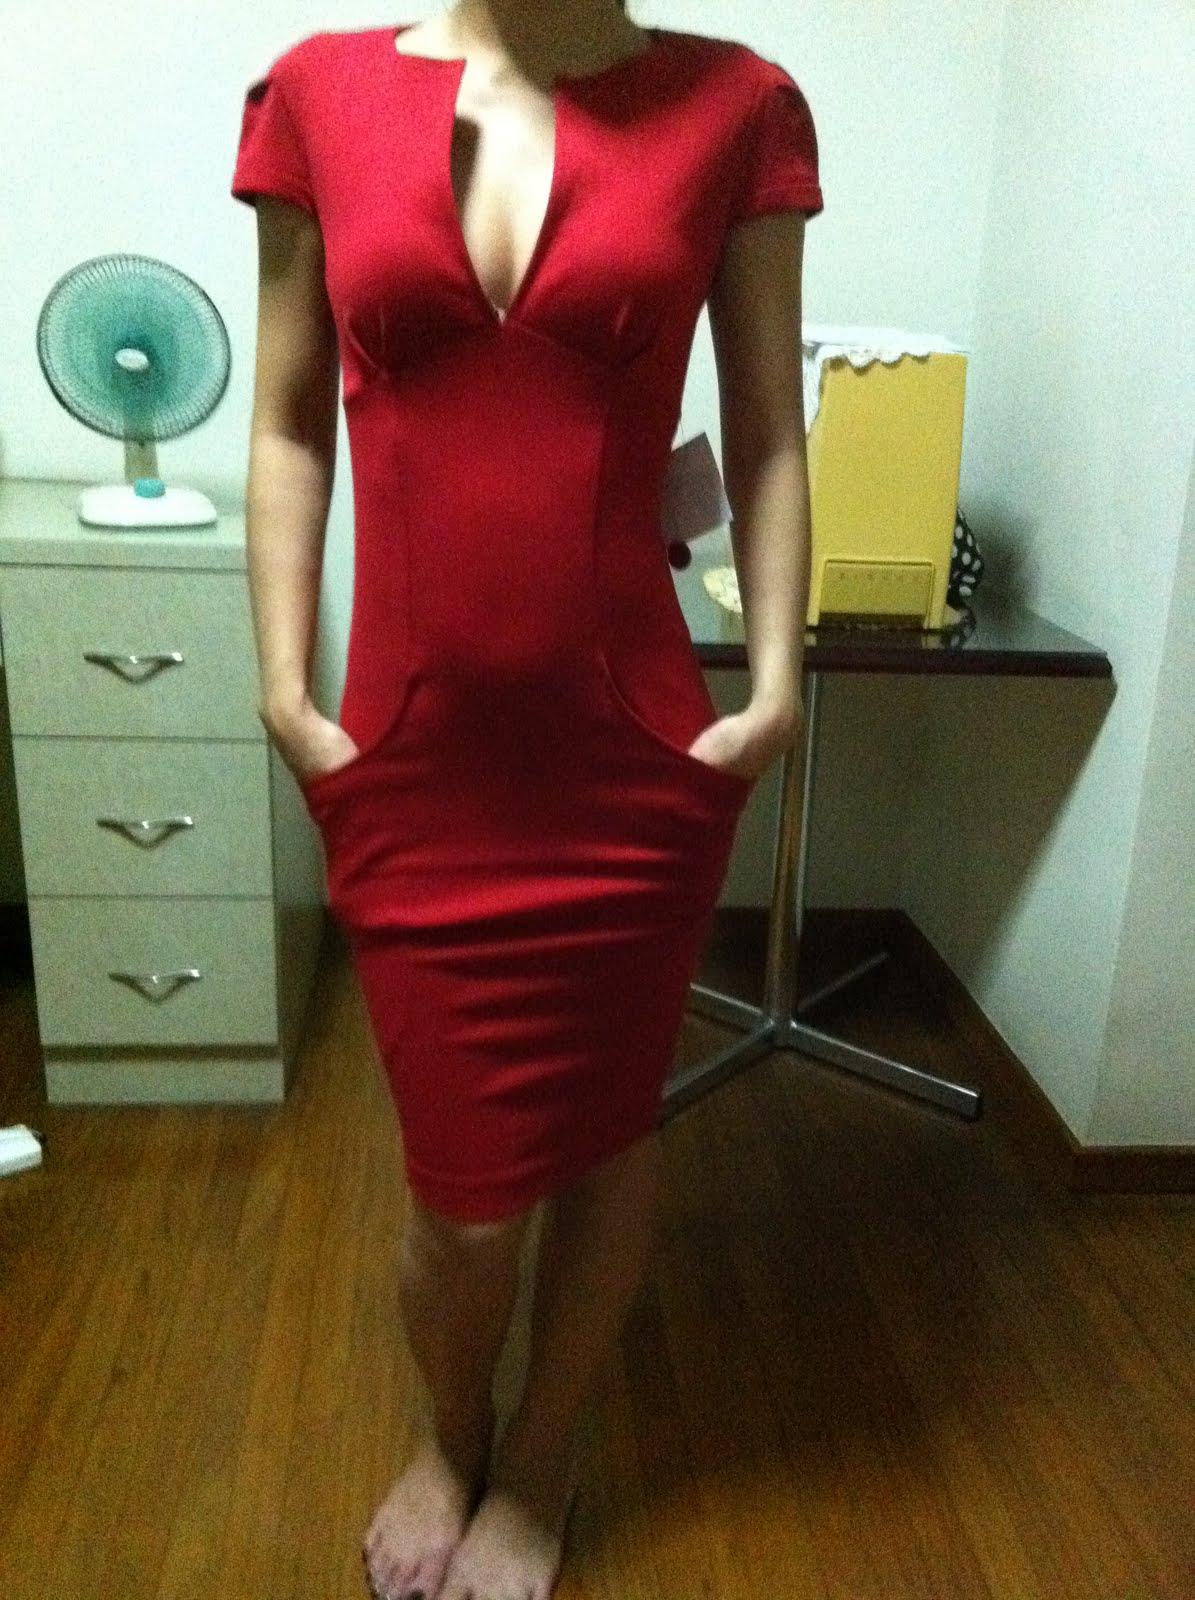 http://4.bp.blogspot.com/-XeEp61fHmOs/TWkyOKXAFeI/AAAAAAAAFys/giUGVr2cR_c/s1600/IMG_0220.JPG